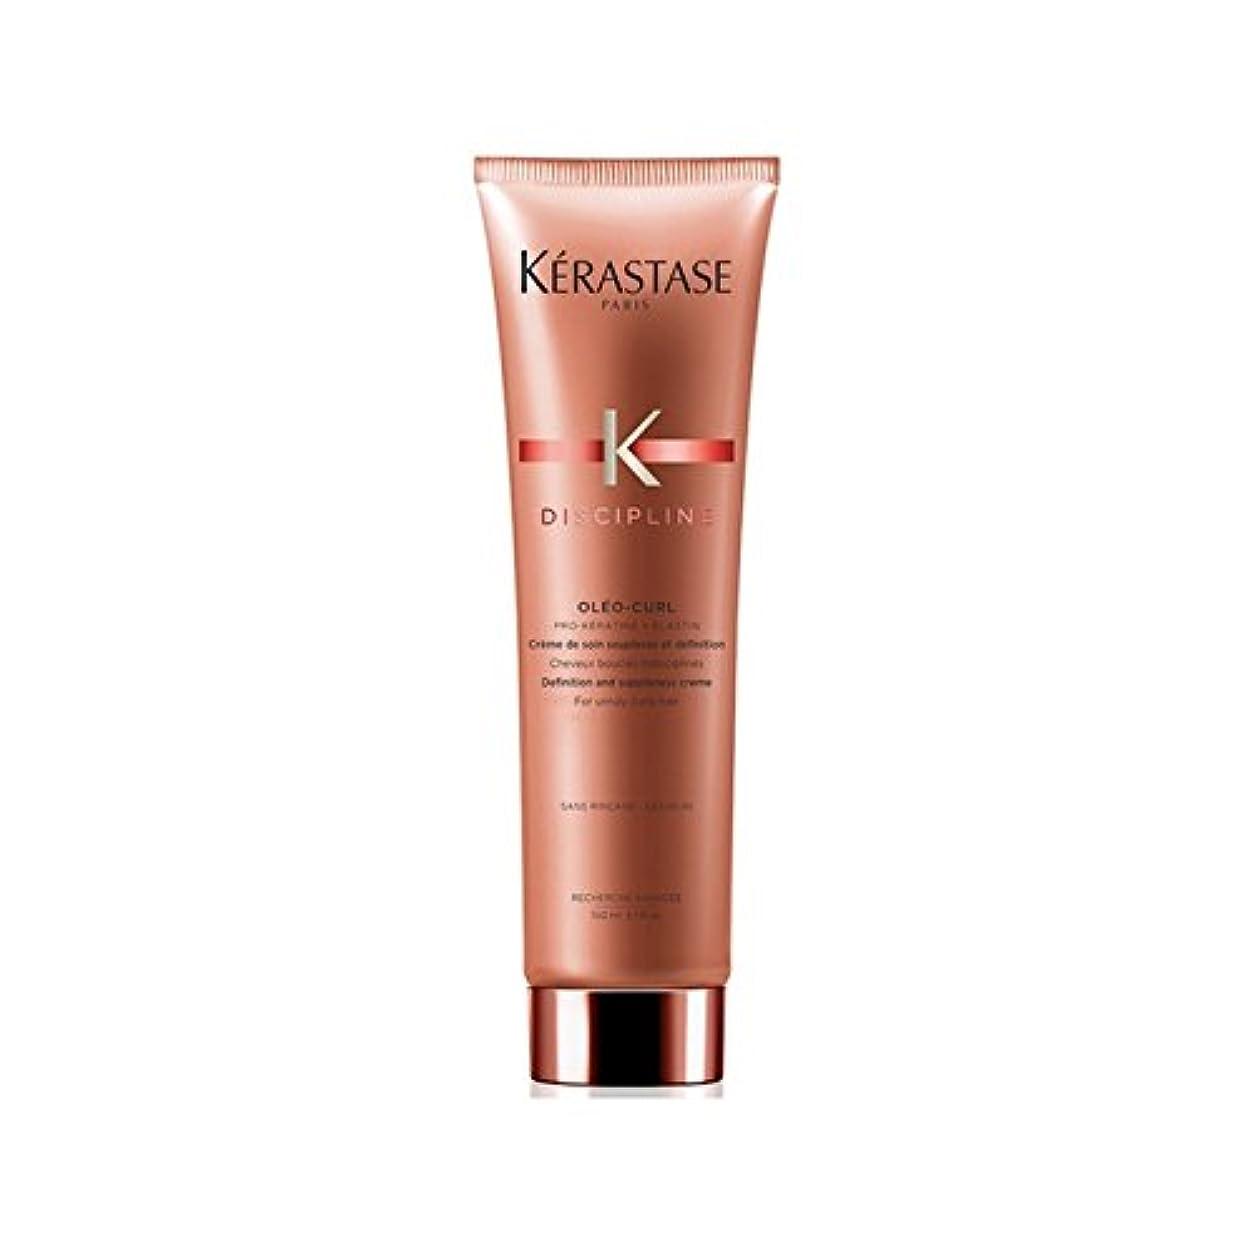 アラブサラボ回る虚偽理想的なクレンジングコンディショナー400ミリリットルカールケラスターゼの規律 x4 - K?rastase Discipline Curl Ideal Cleansing Conditioner 400ml (Pack...